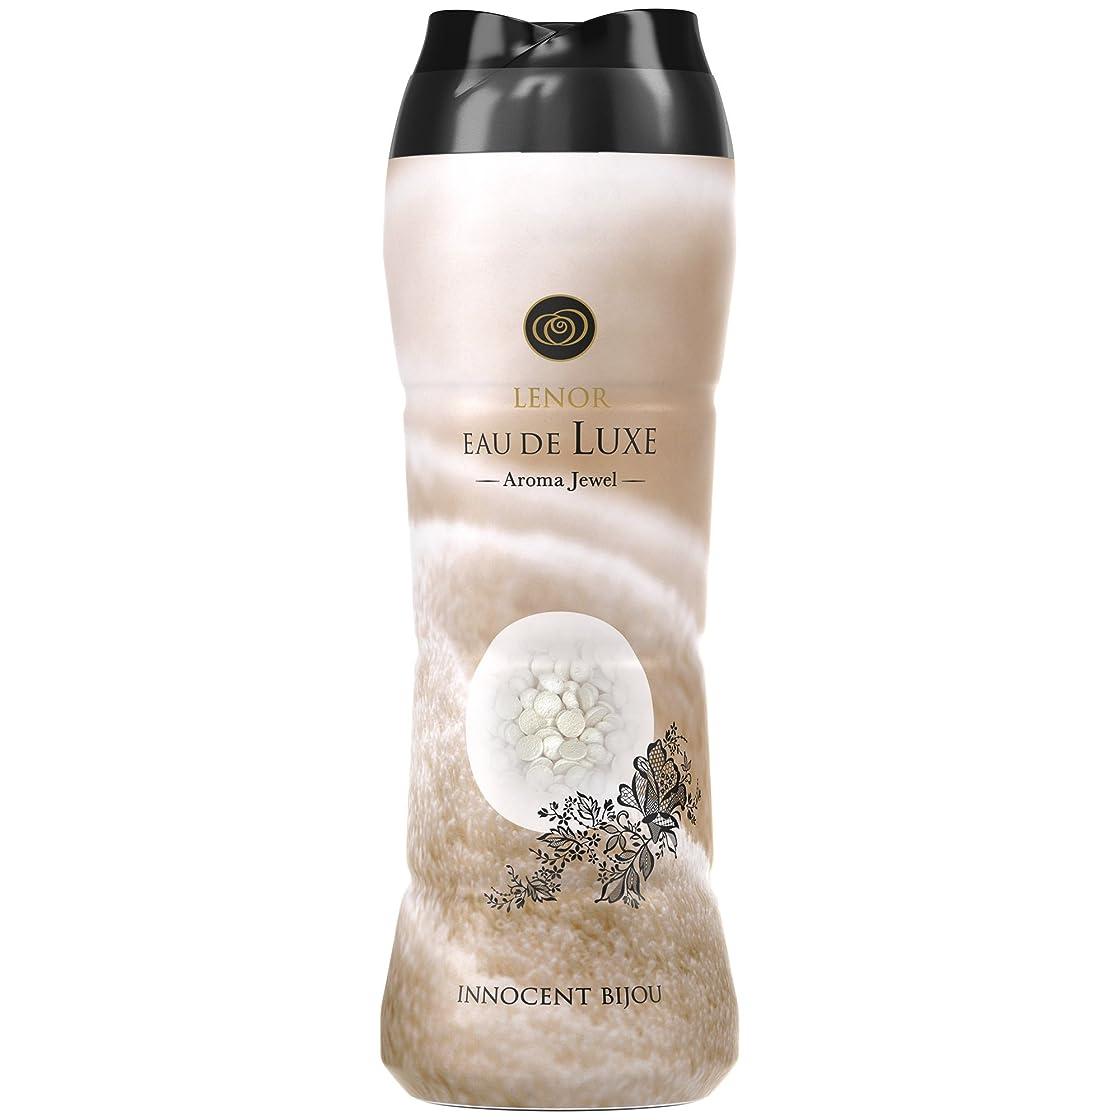 嵐のトライアスロンゴミレノア オードリュクス アロマジュエル 香り付け専用剤 イノセントビジュの香り 520ml